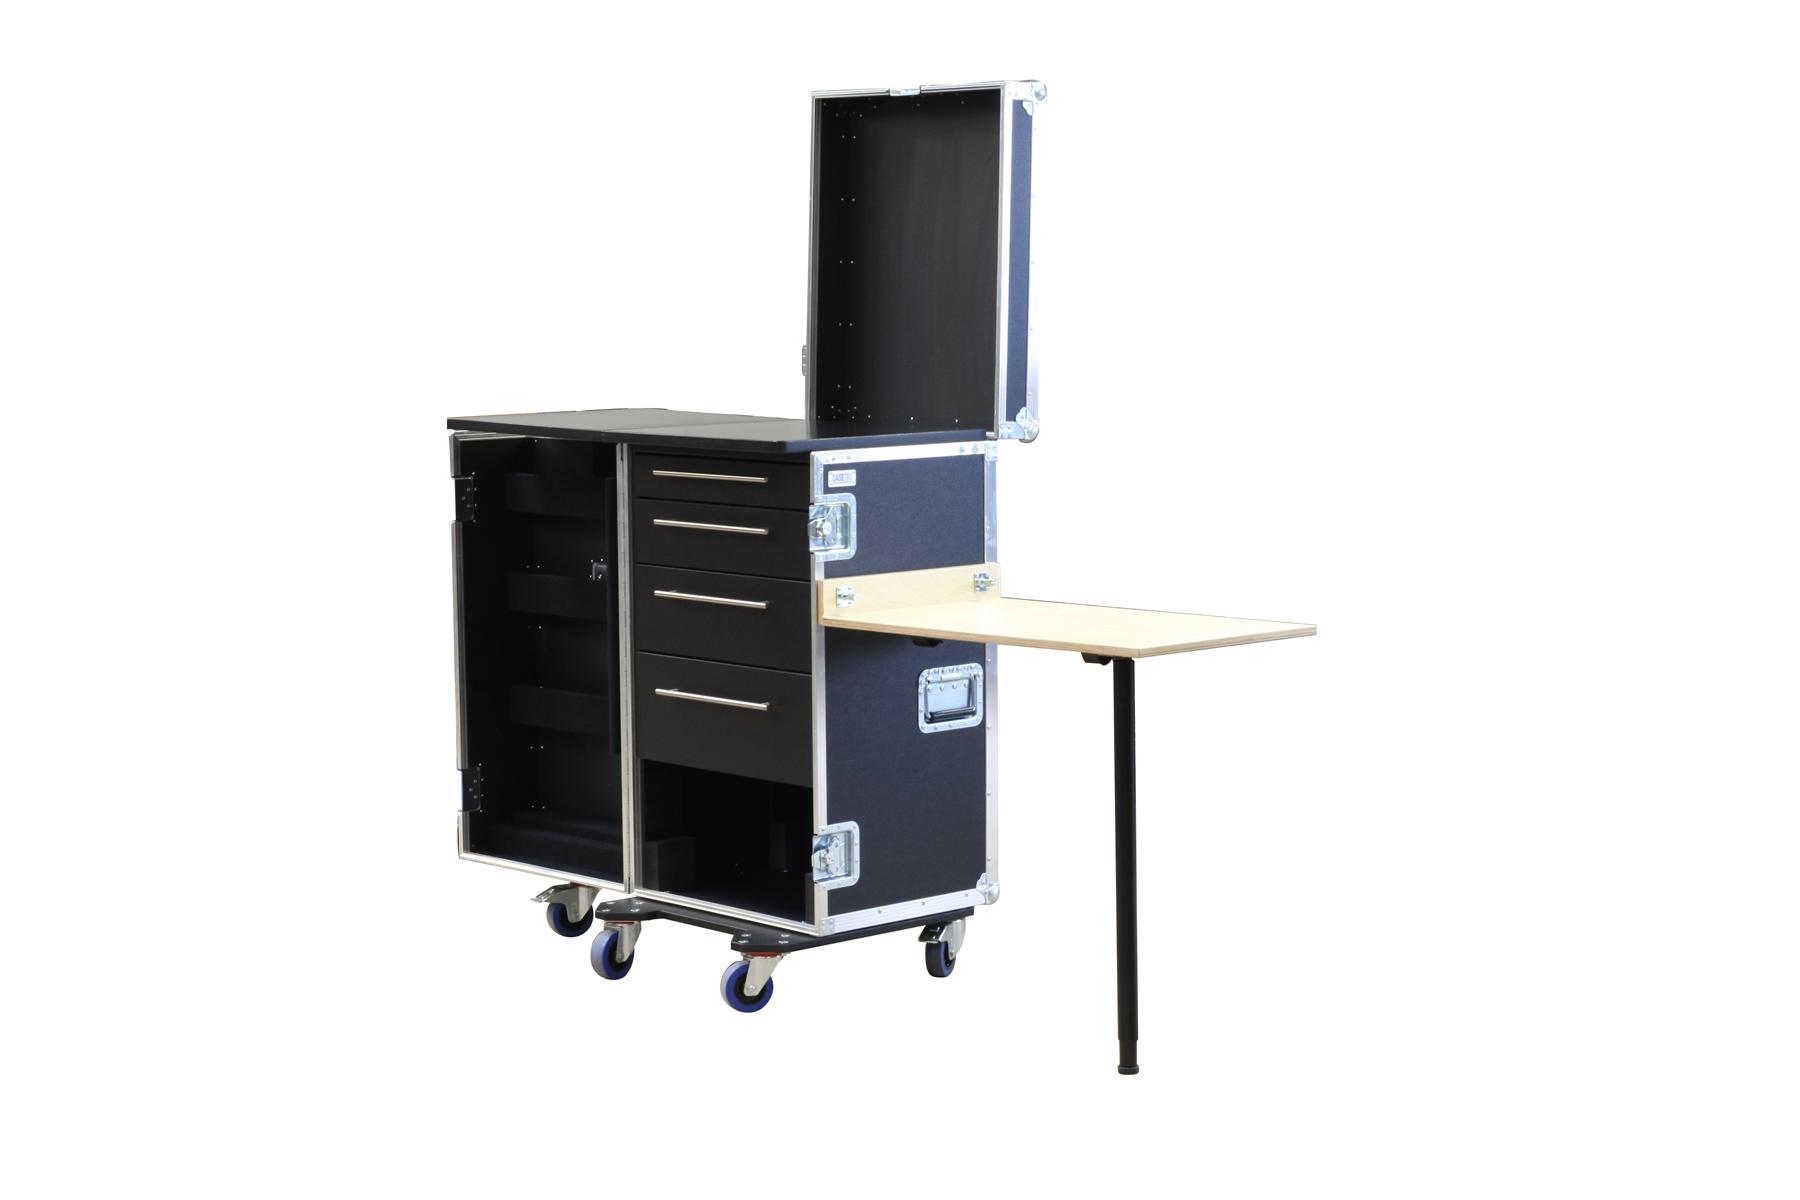 Schubladencase 120er Profi mit vier Schubladen, ein Leerfach+ Arbeitsfläche